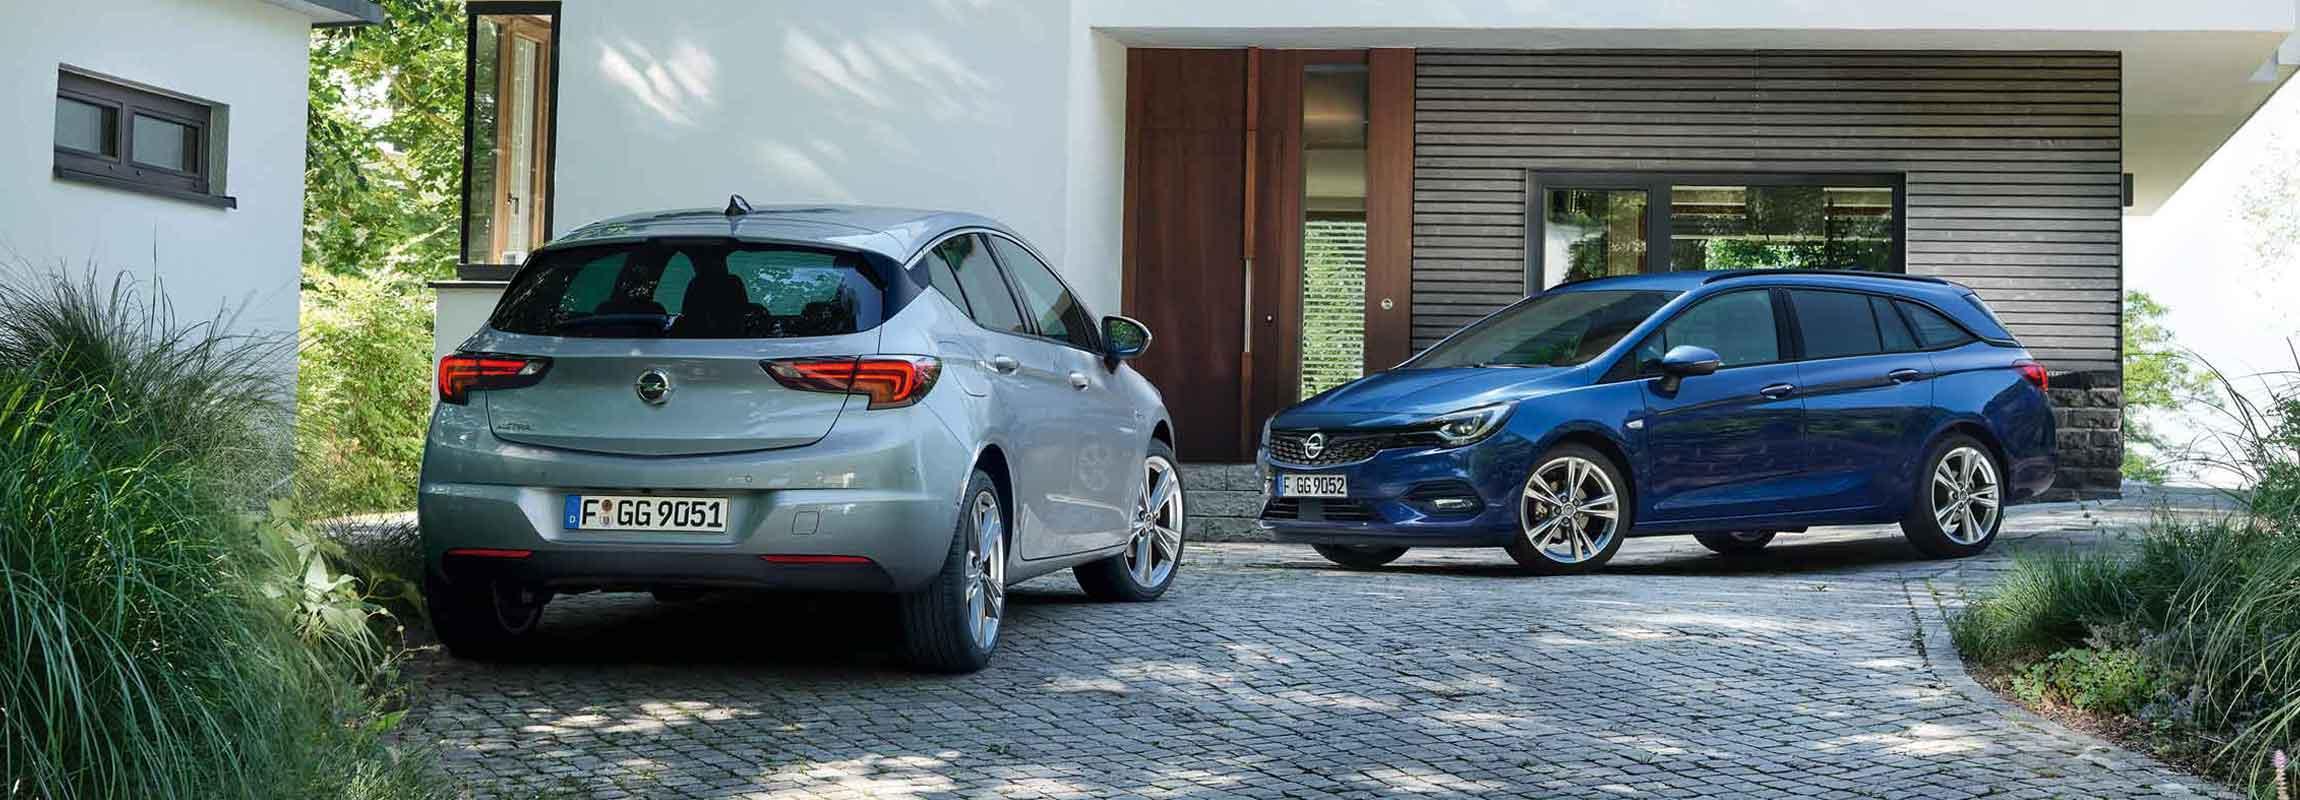 Opel Gebrauchtwagen